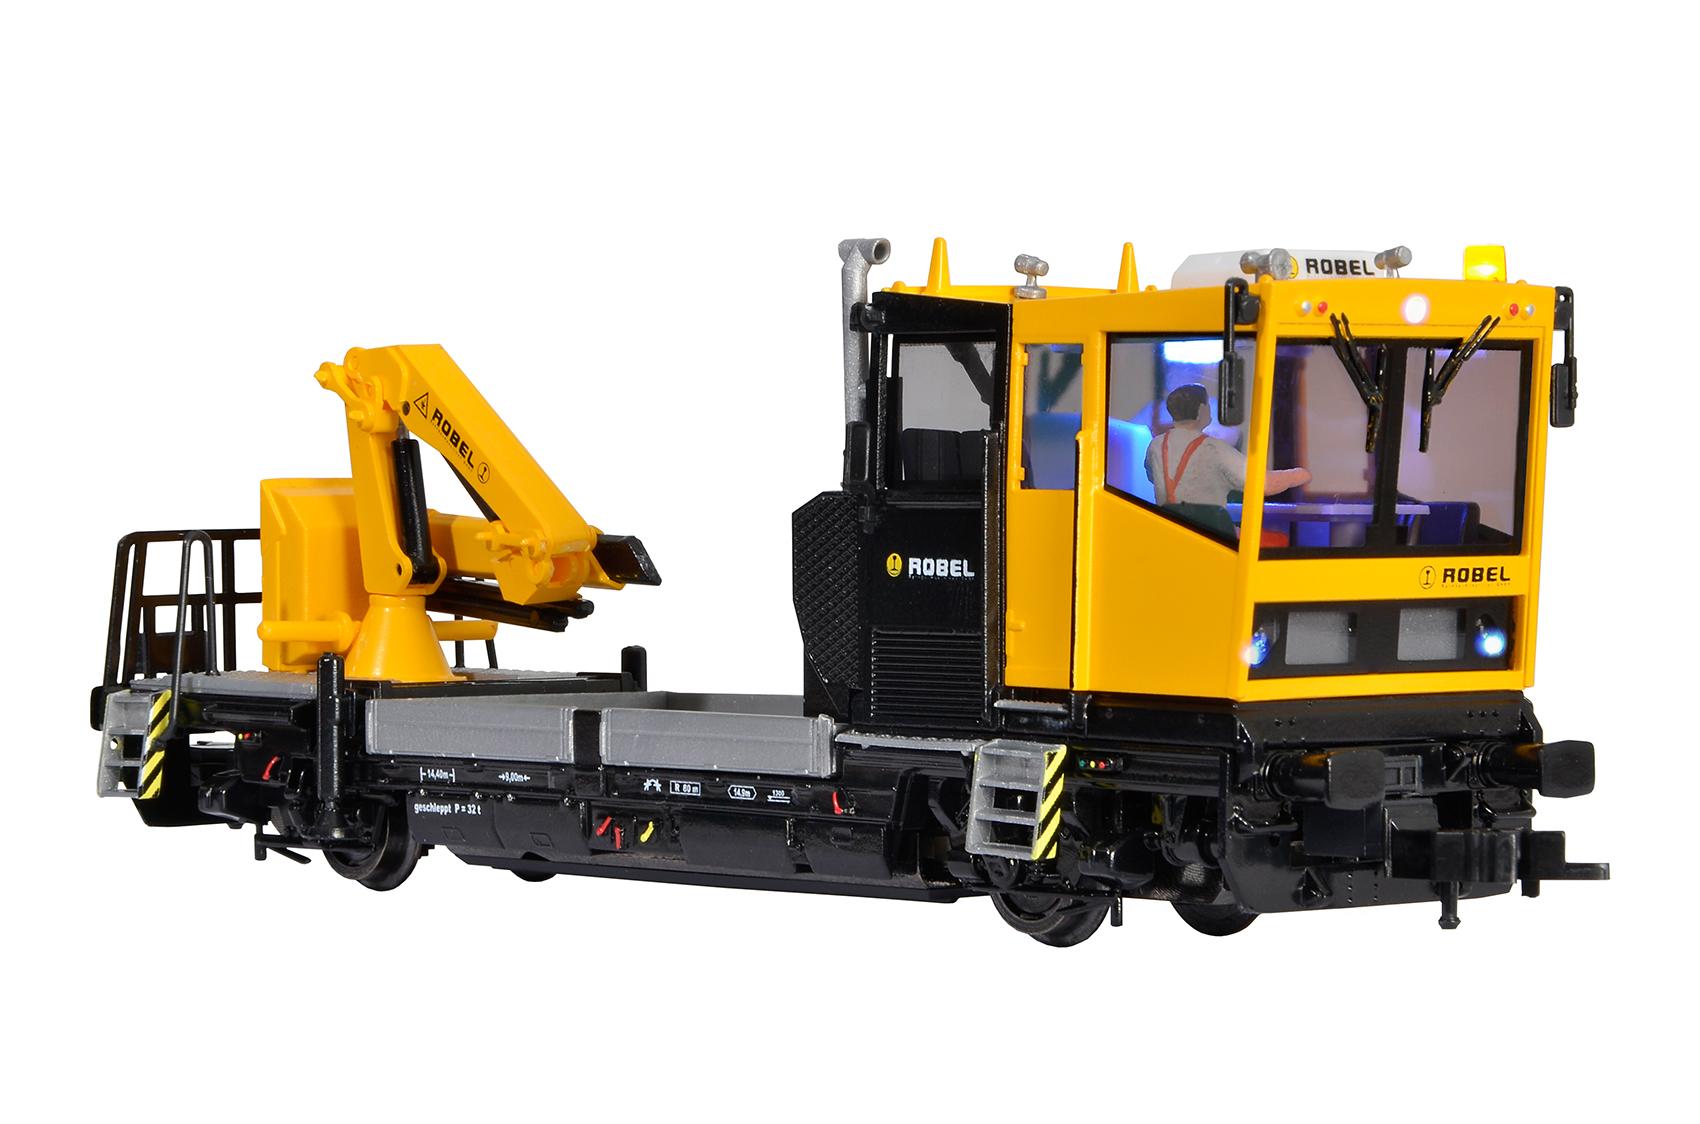 Viessmann 2610 <br/>ROBEL Gleiskraftwagen 54.22, Funktionsmodell für Zweileitersysteme